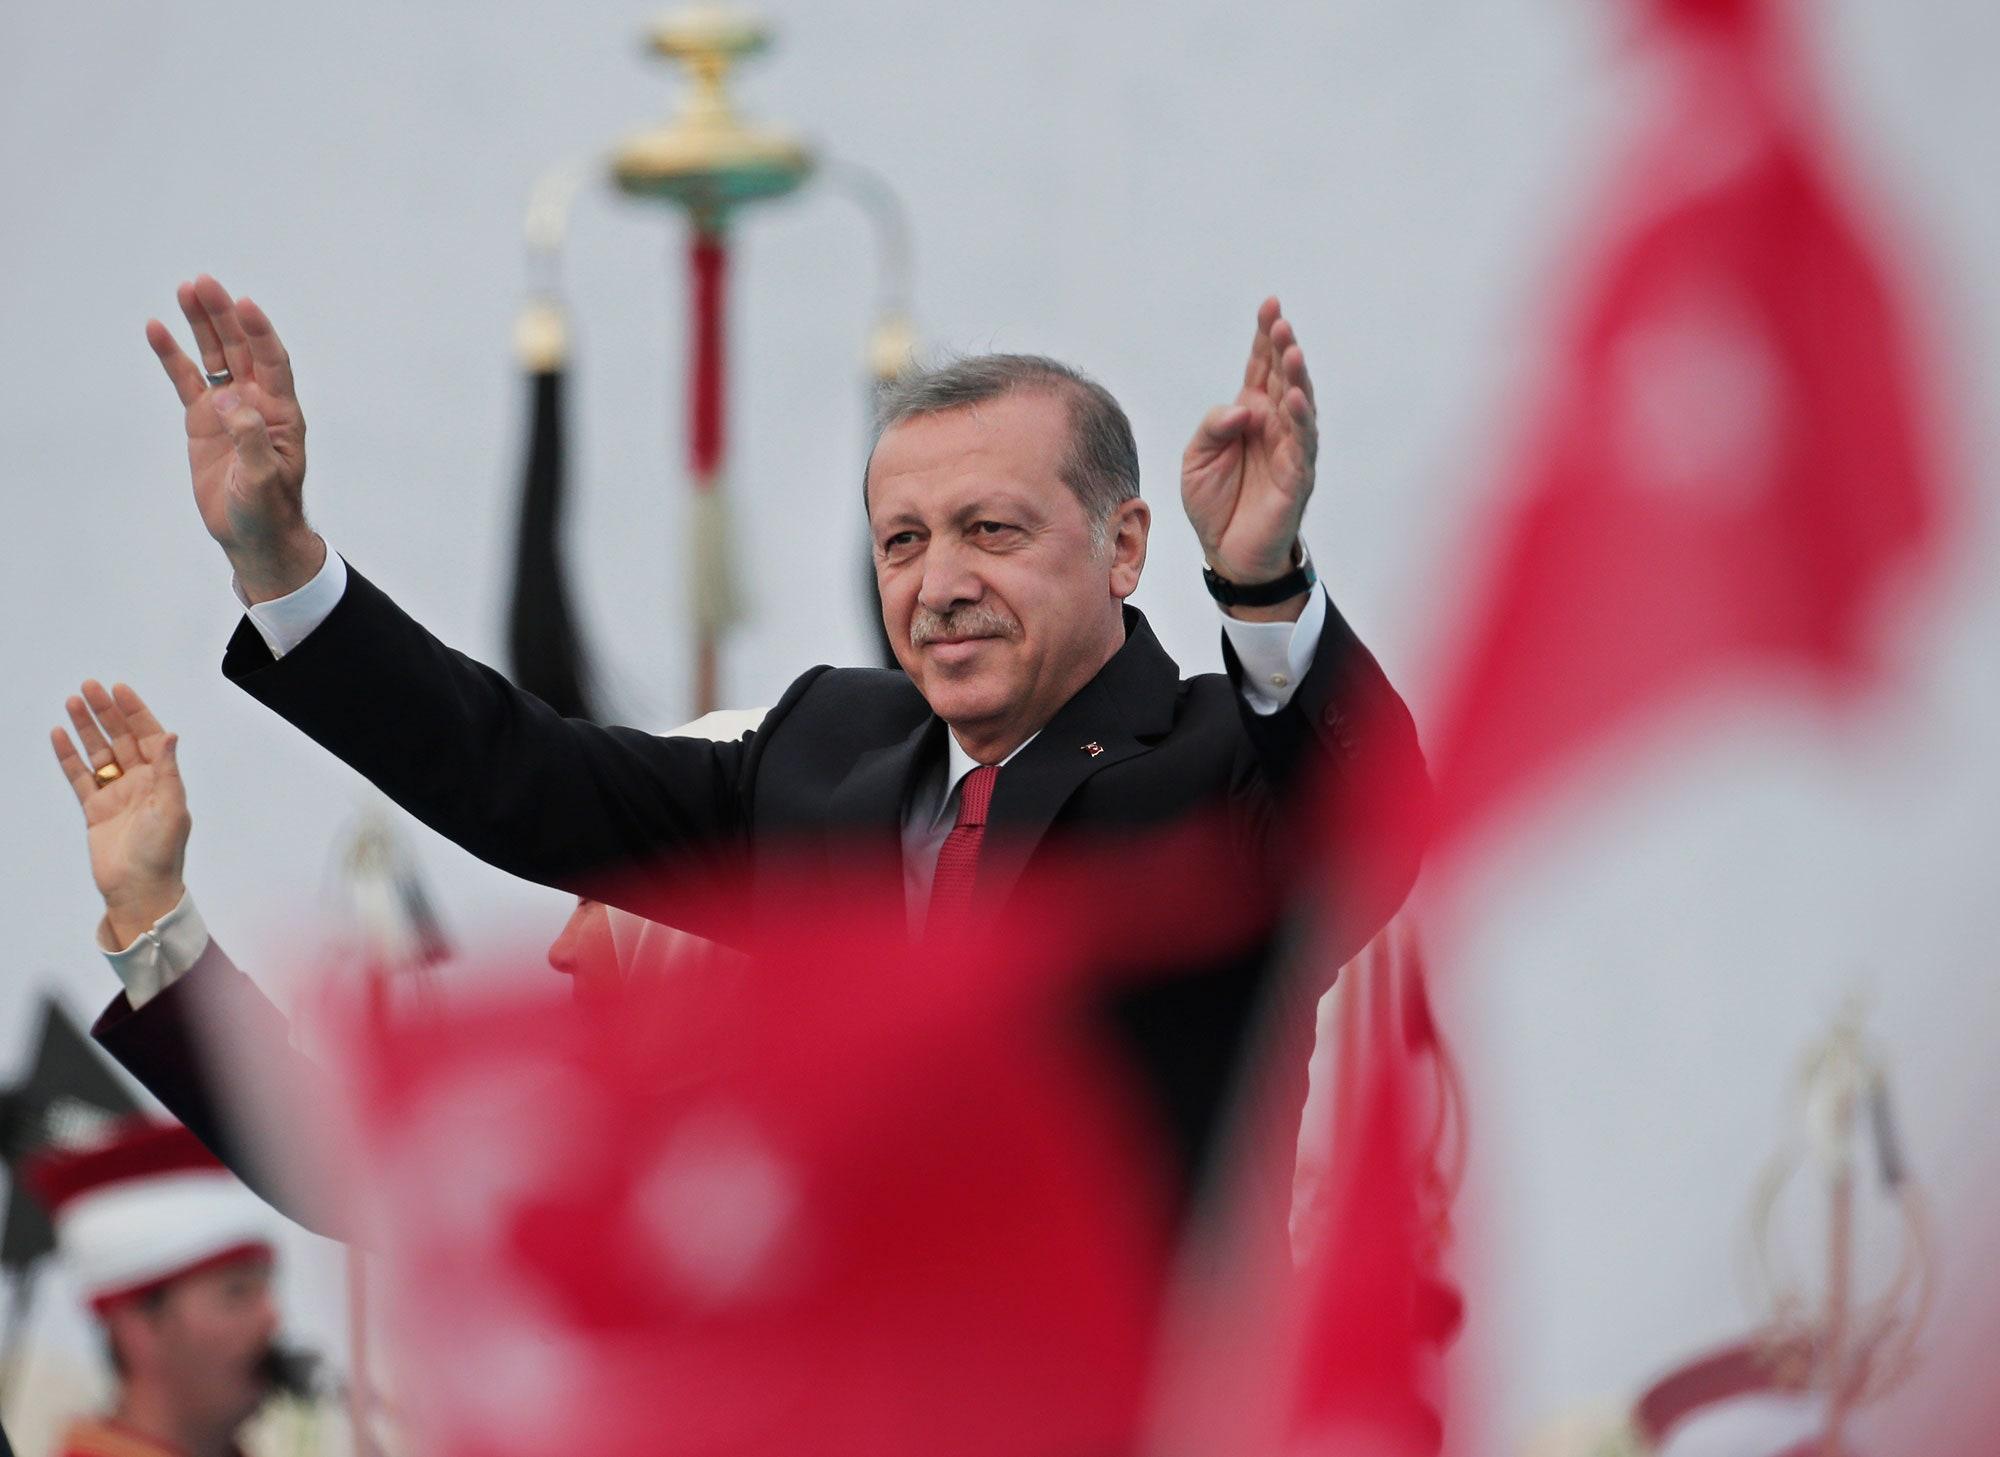 صورة إفشال مخططات أمريكية للإطاحة بأردوغان.. مستشار الرئيس يكشف التفاصيل